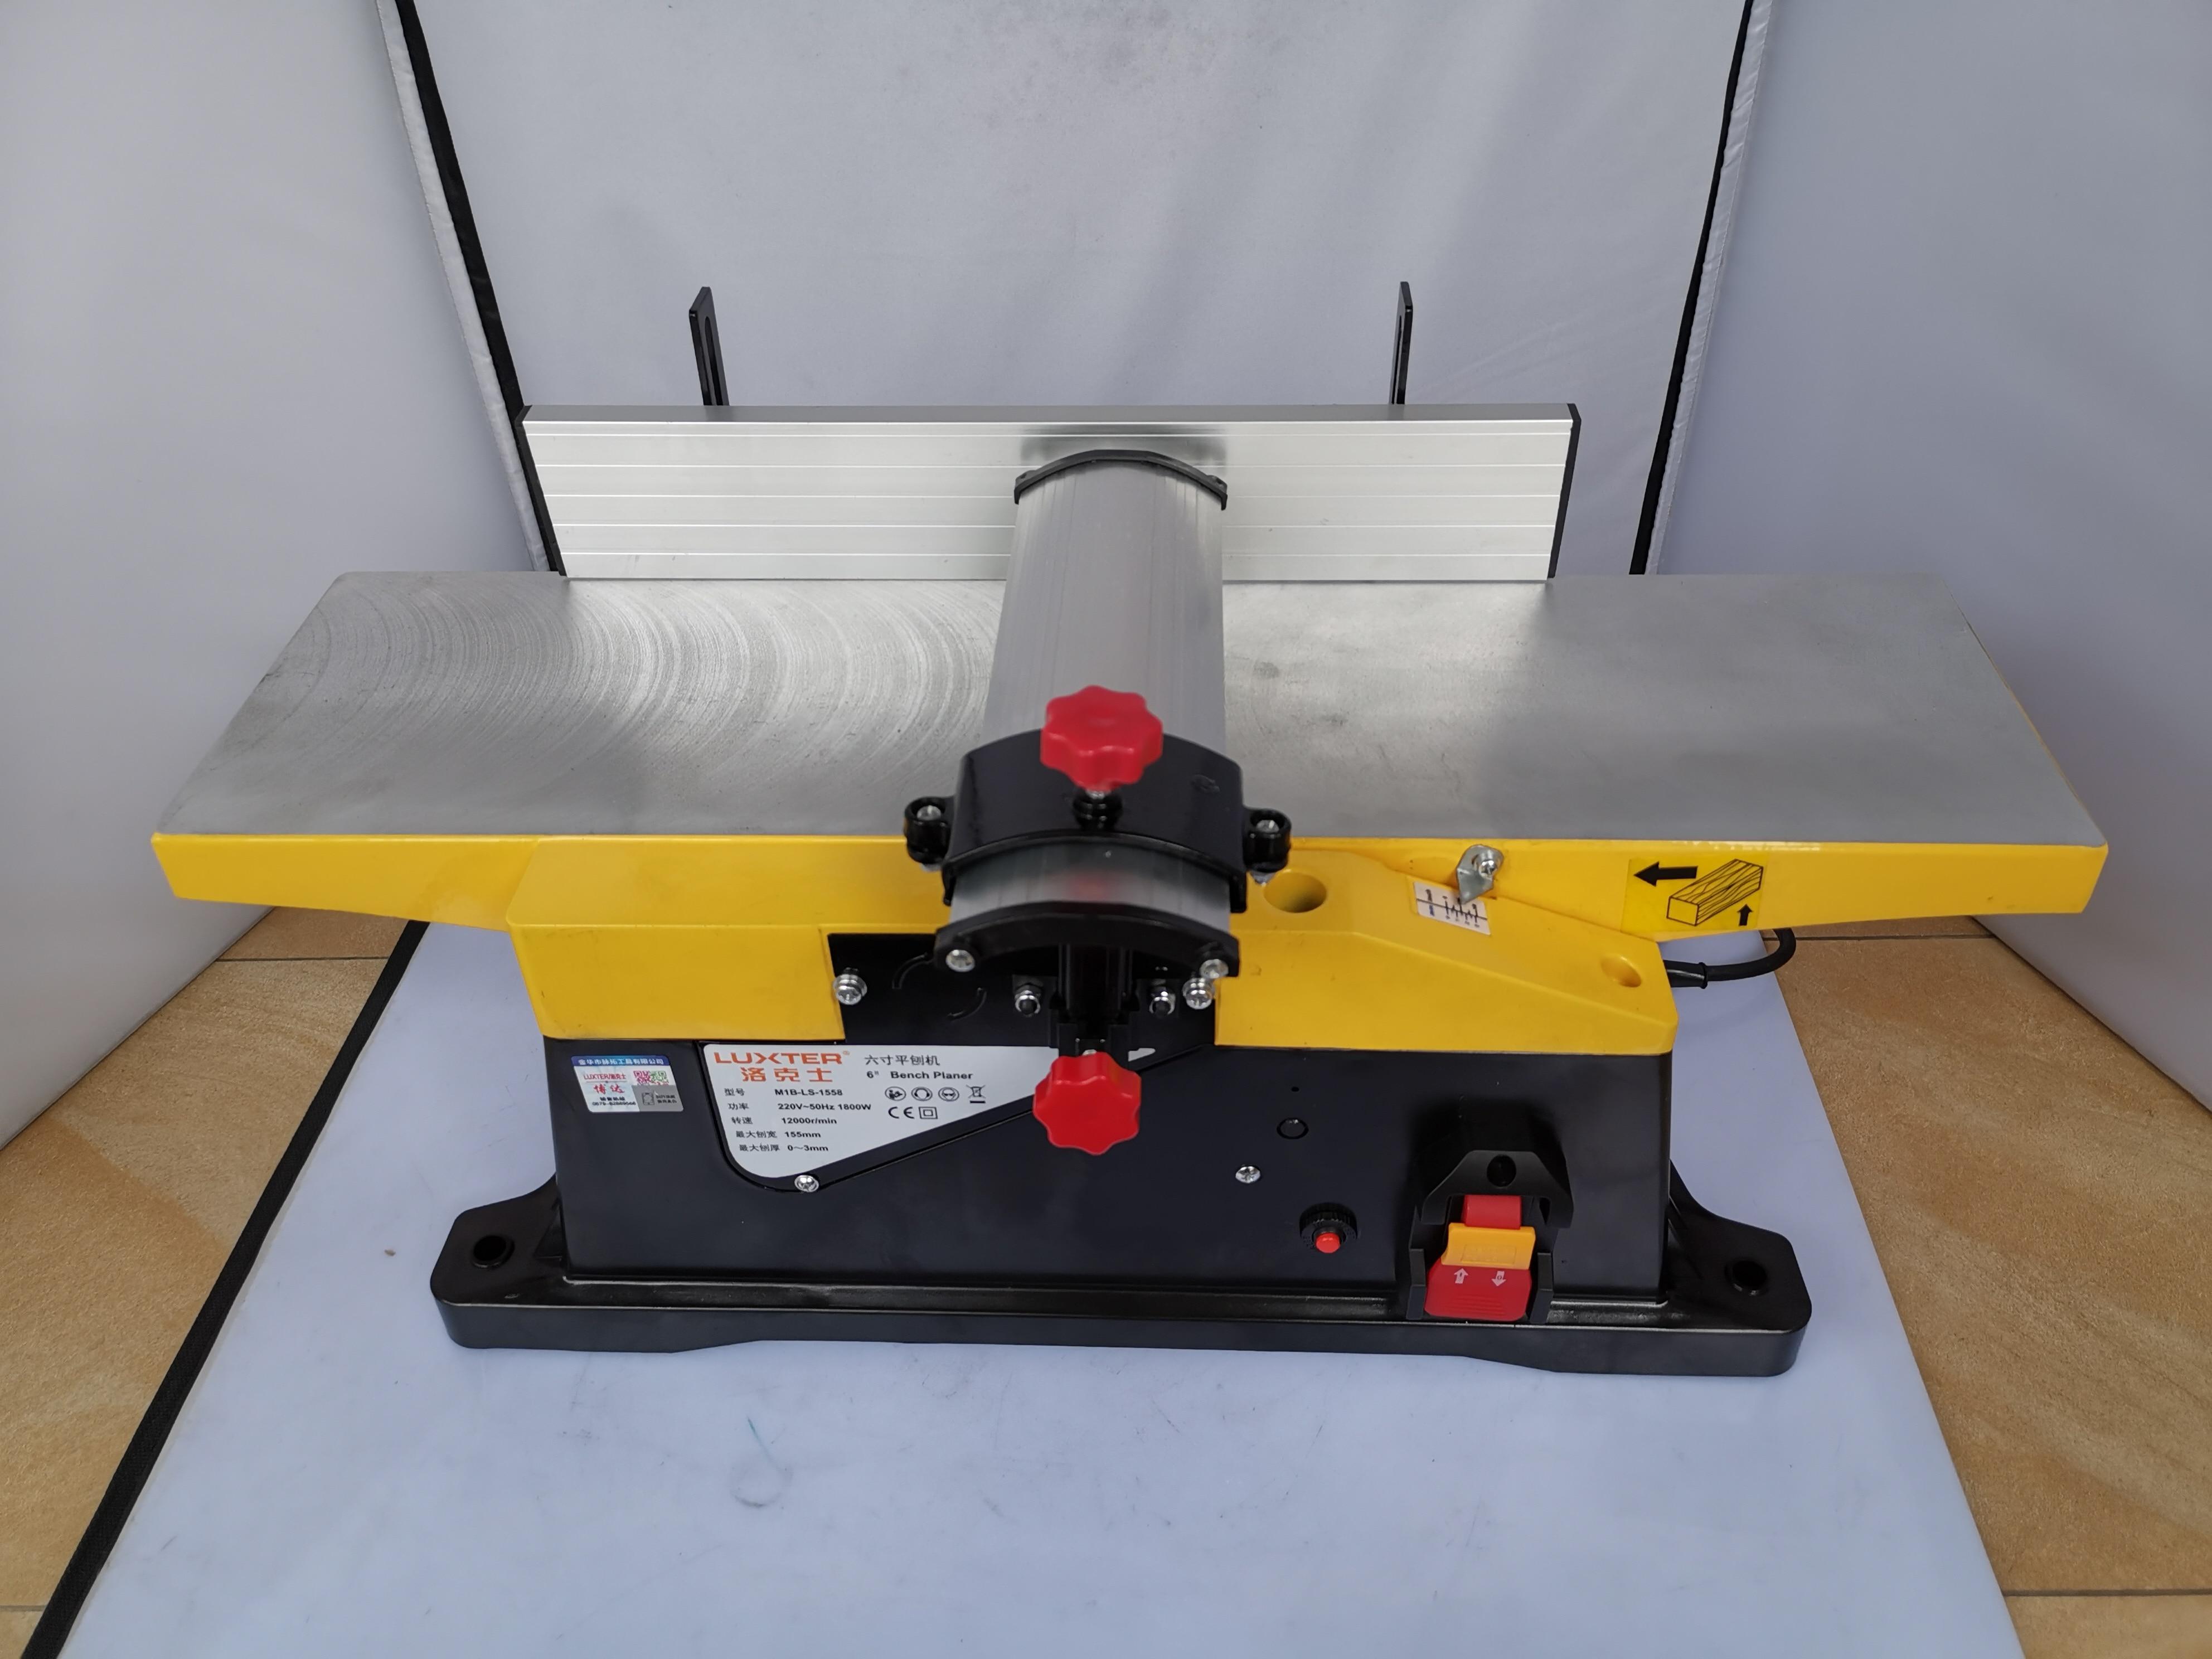 6 بوصة 1800 واط النجارة متعددة الوظائف الكهربائية المسوي ، سطح المكتب نجار الخشب ، أداة كهربائية المنزلية ، المسوي الصغيرة